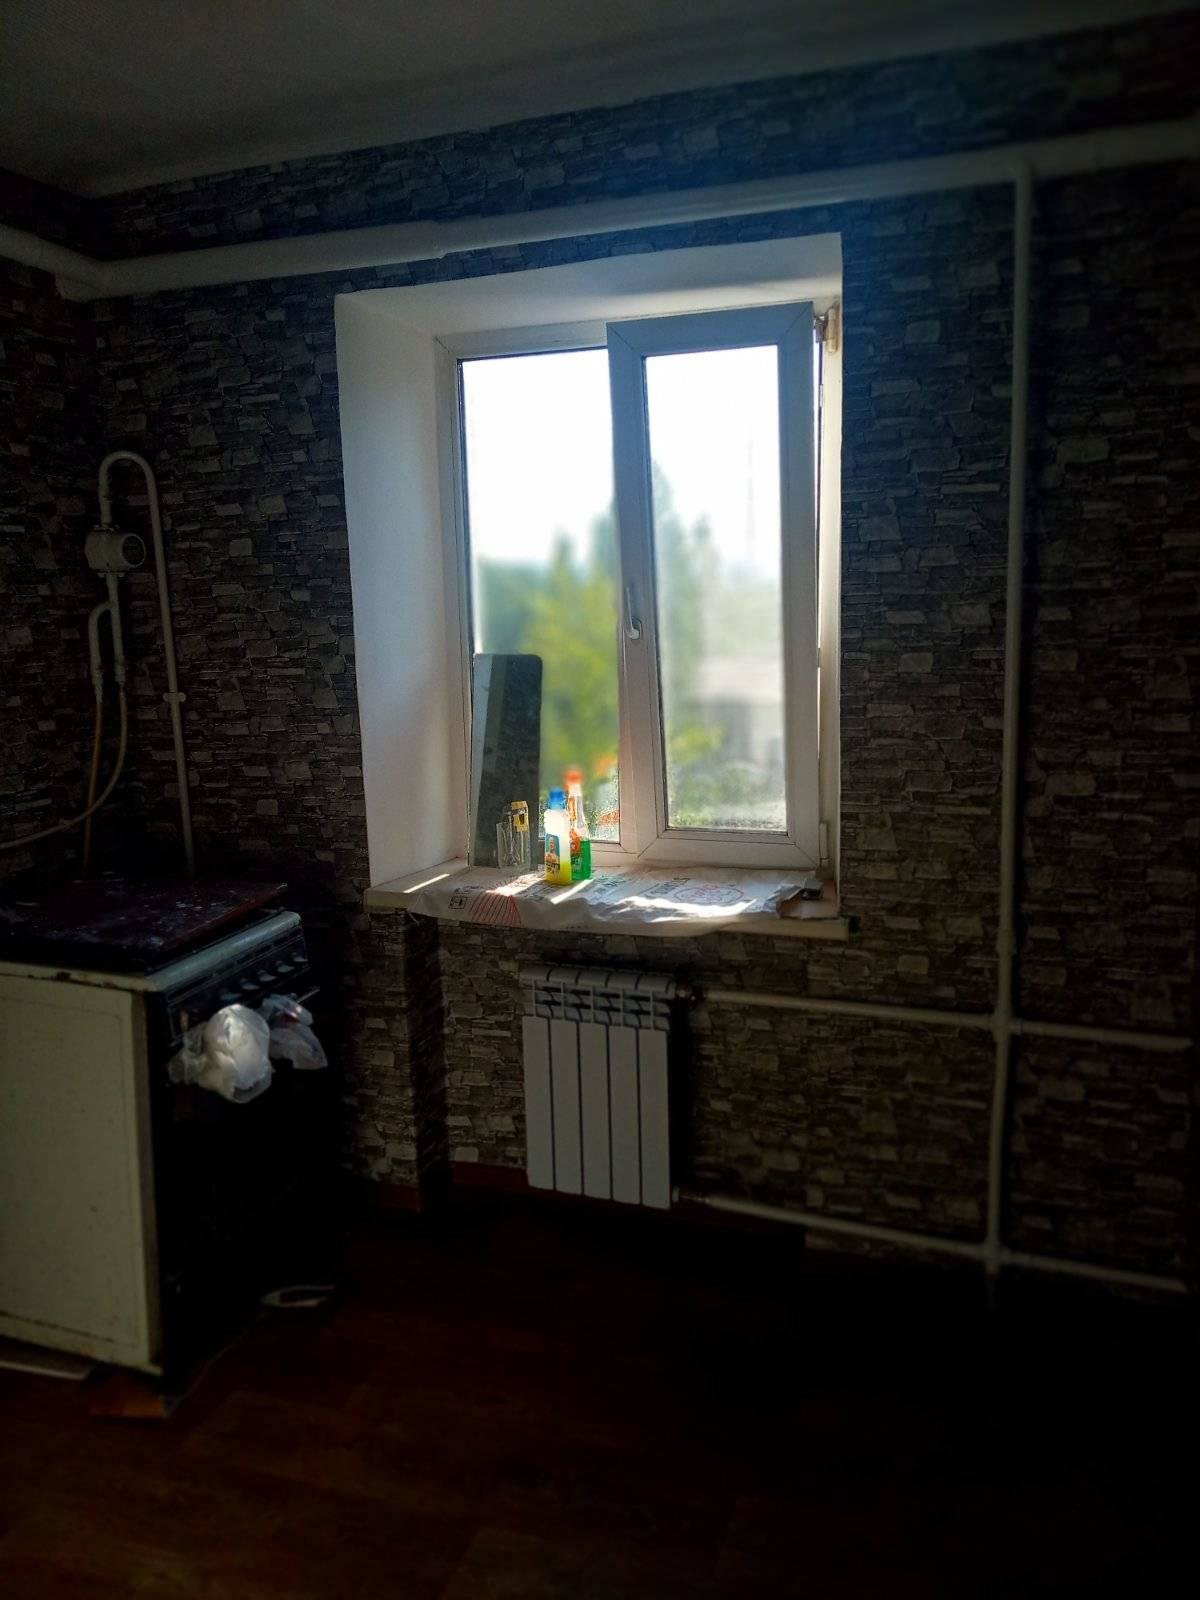 Квадратный метр дорожает: где в Северодонецке самые дорогие и самые дешевые квартиры, фото-10